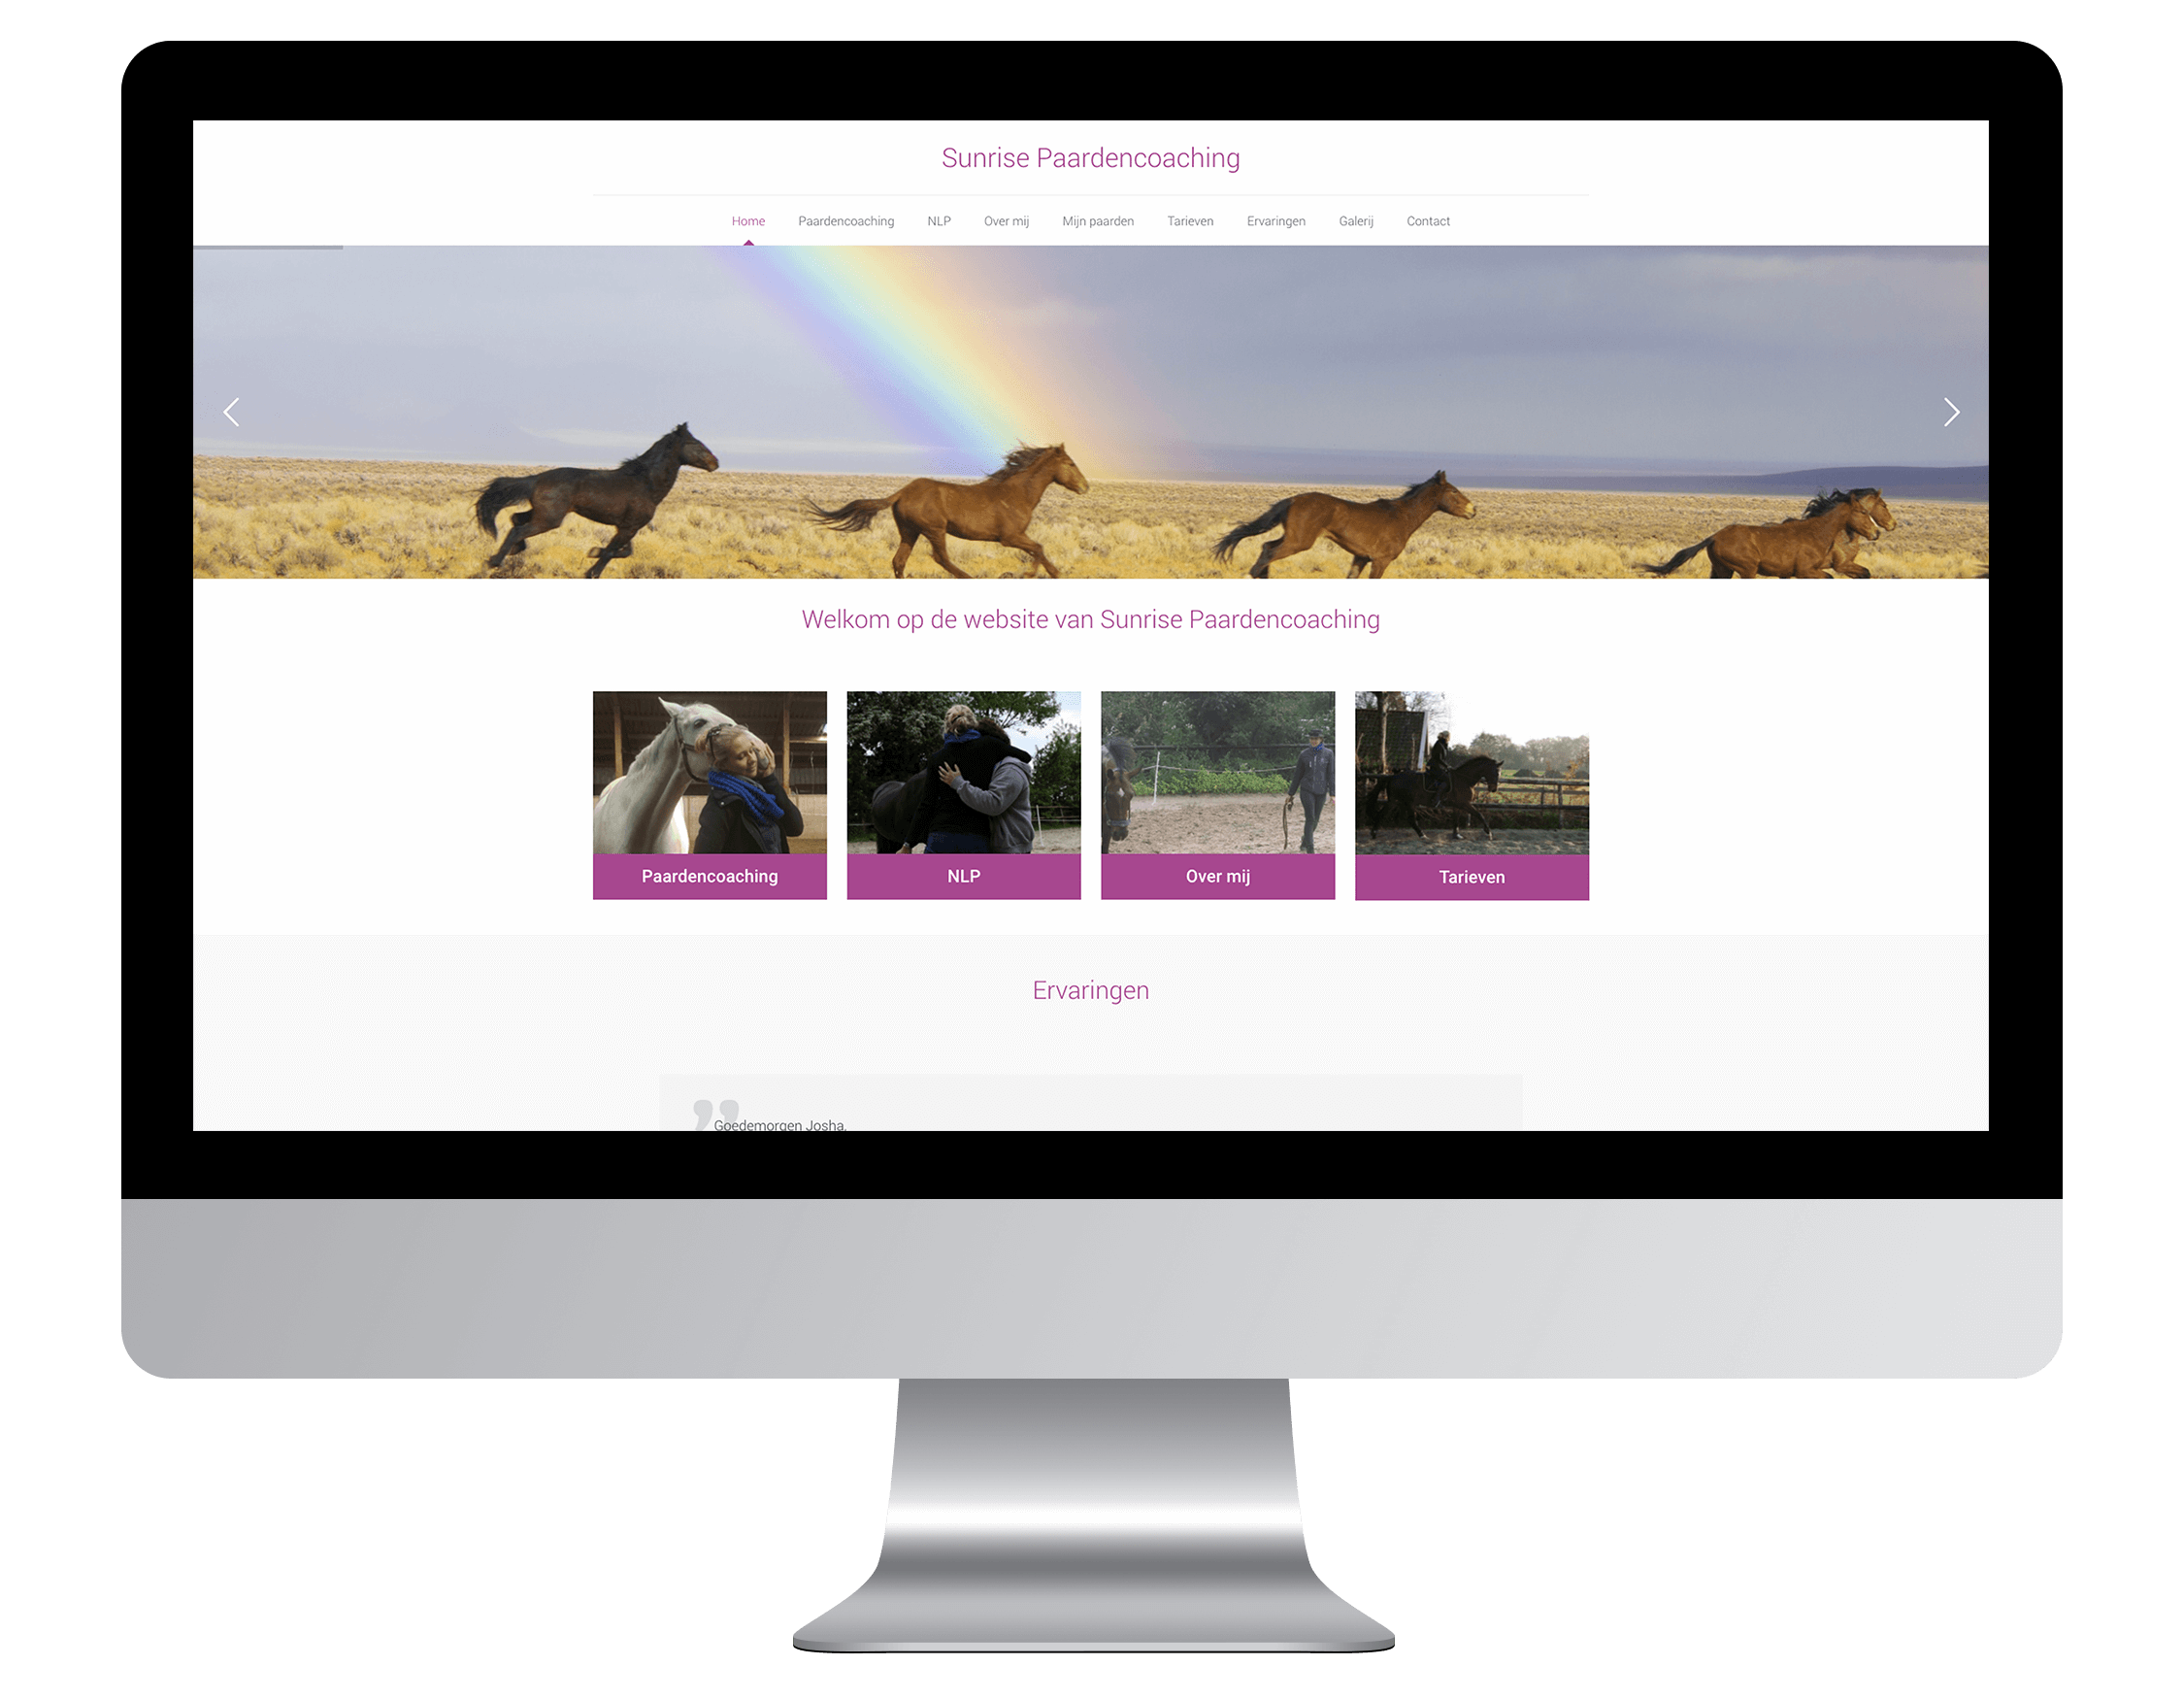 Website laten maken door Sunrise Paardencoaching